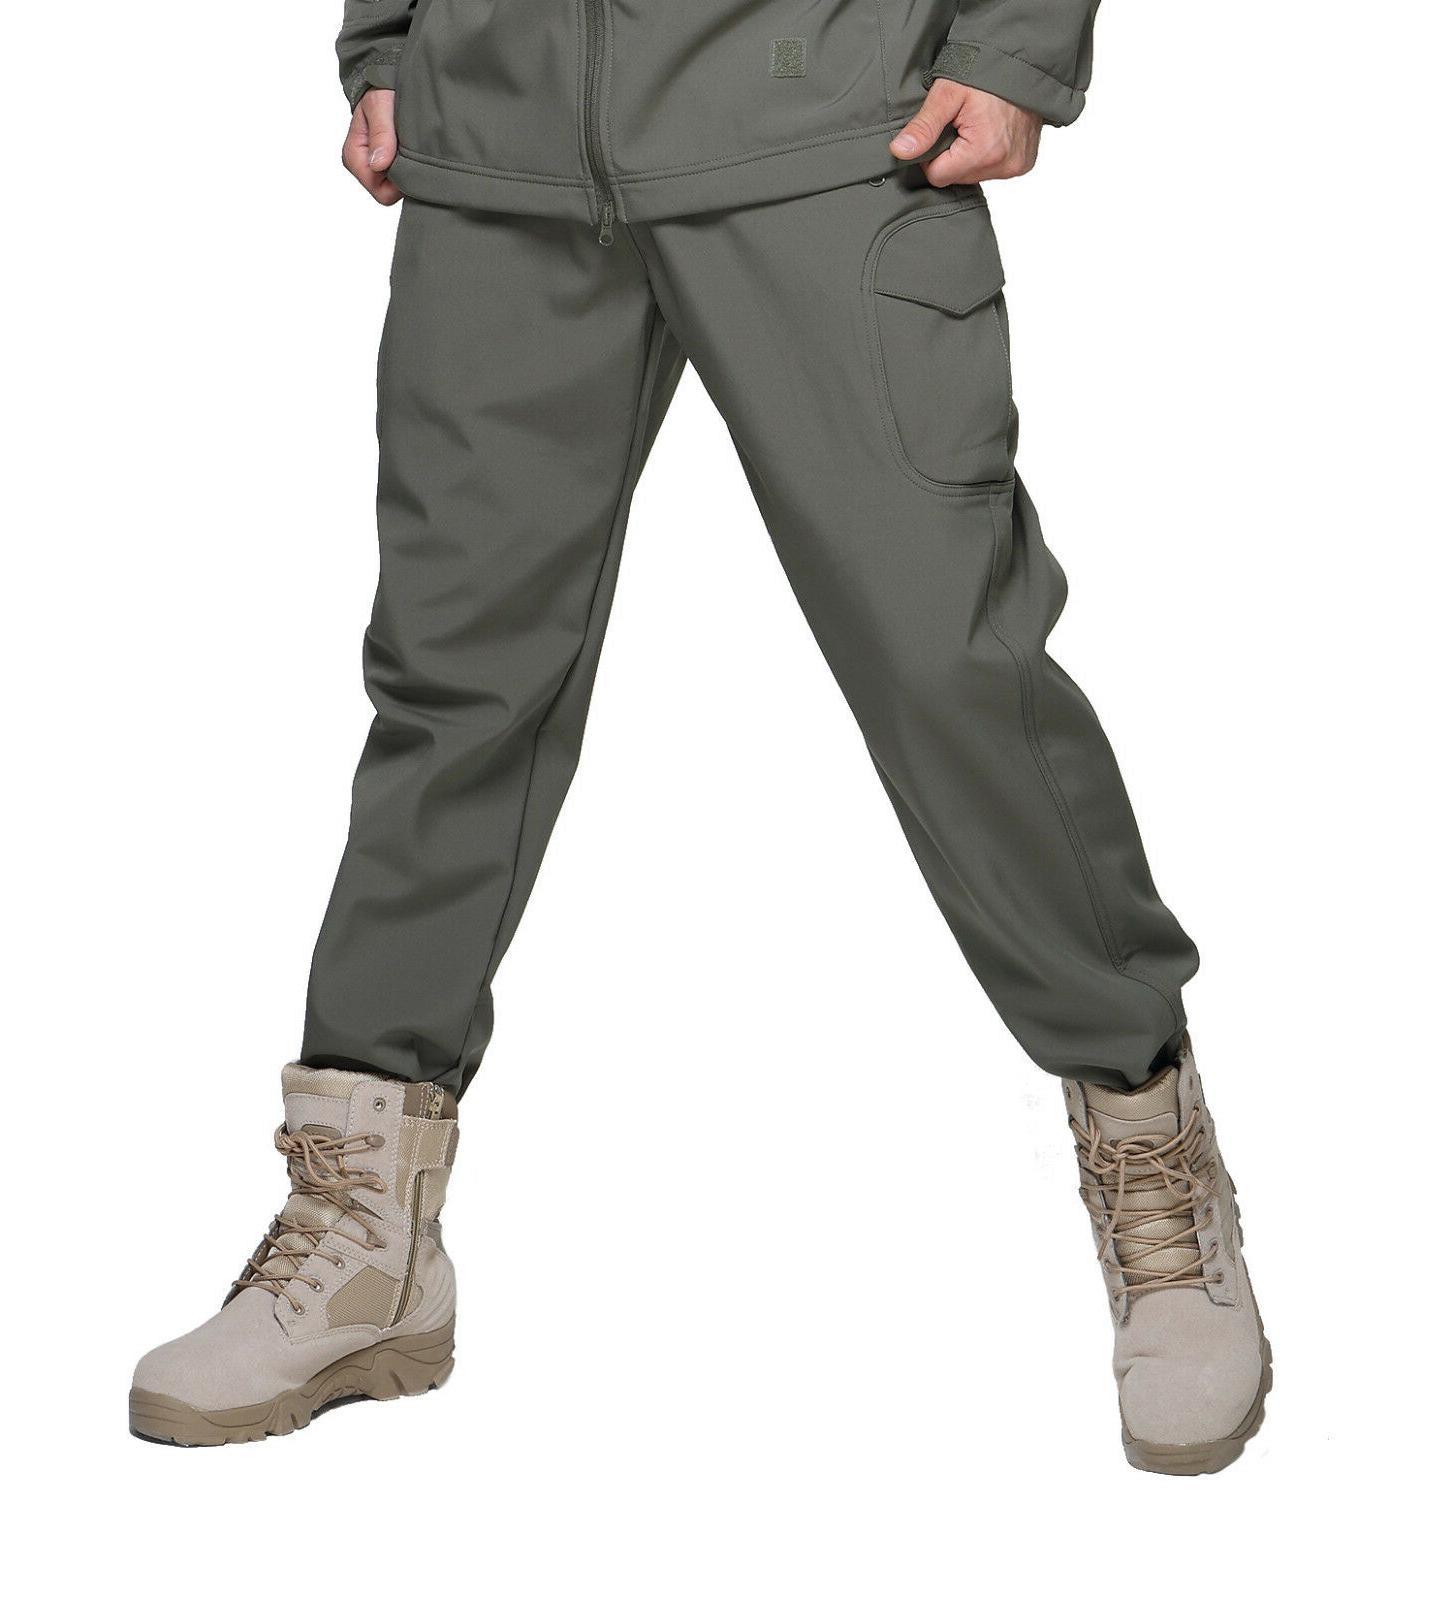 TACVASEN Fleece shell Hunting Army Pant